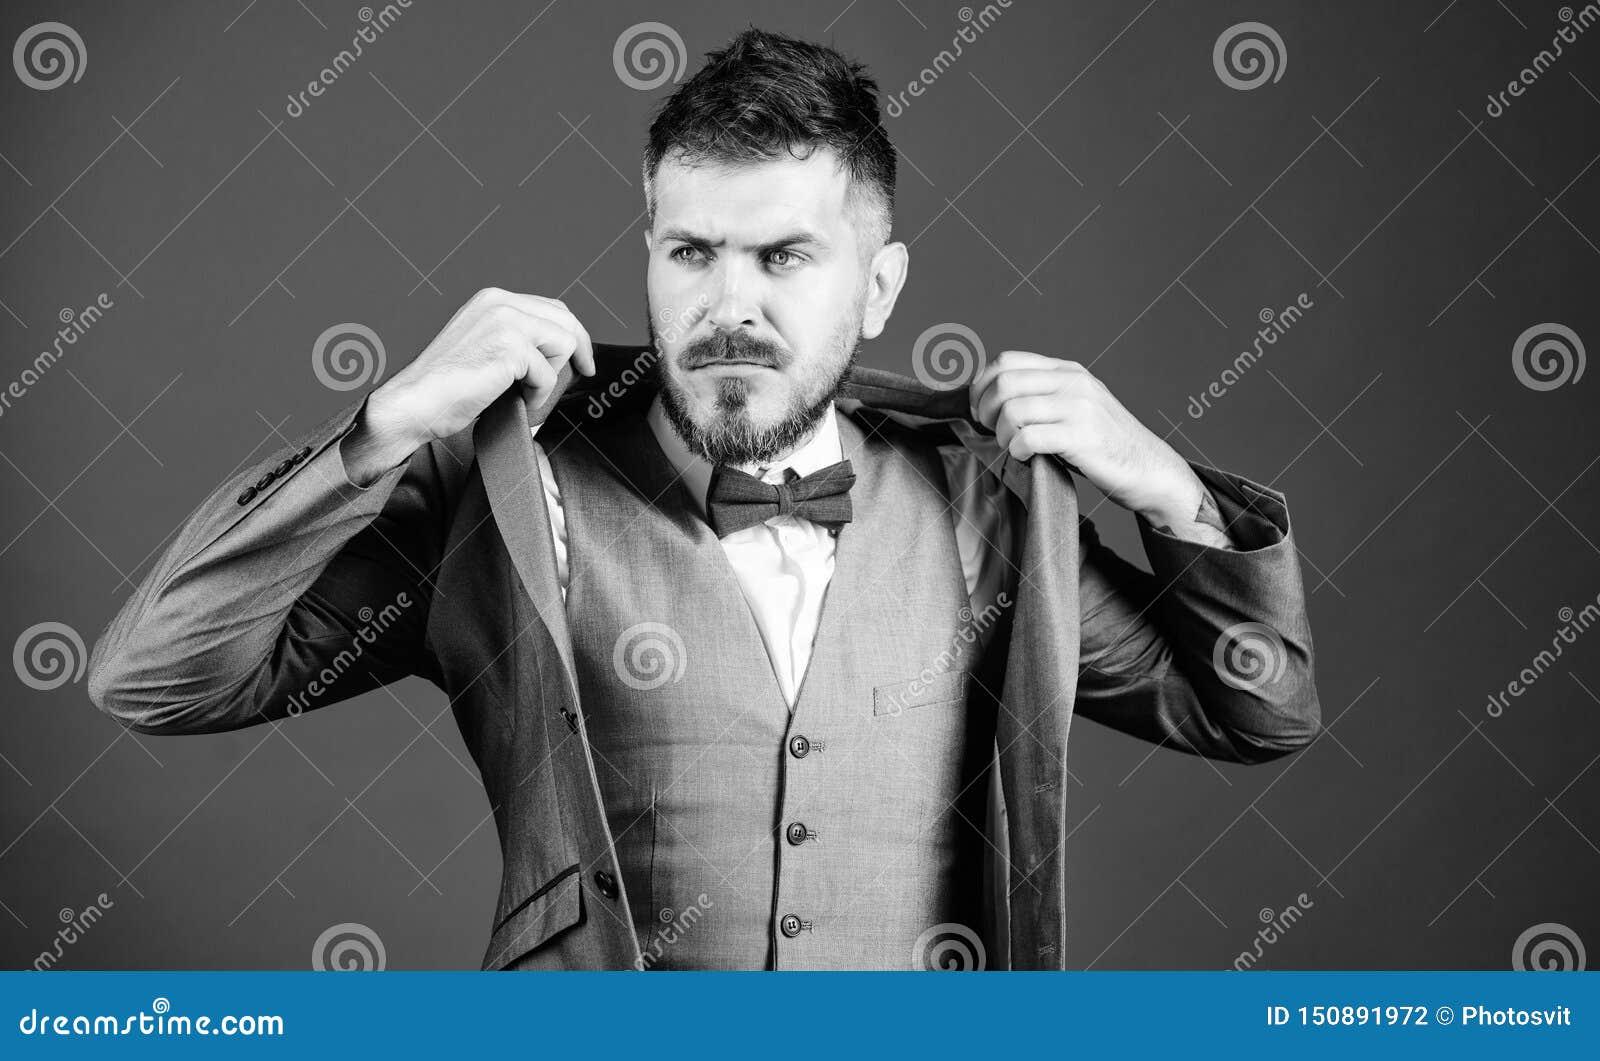 Leiloeiro bem sucedido neg?cio na vida moderna noivo maduro de Bride do ilusionista pronto para o casamento esthete Arte ? moda